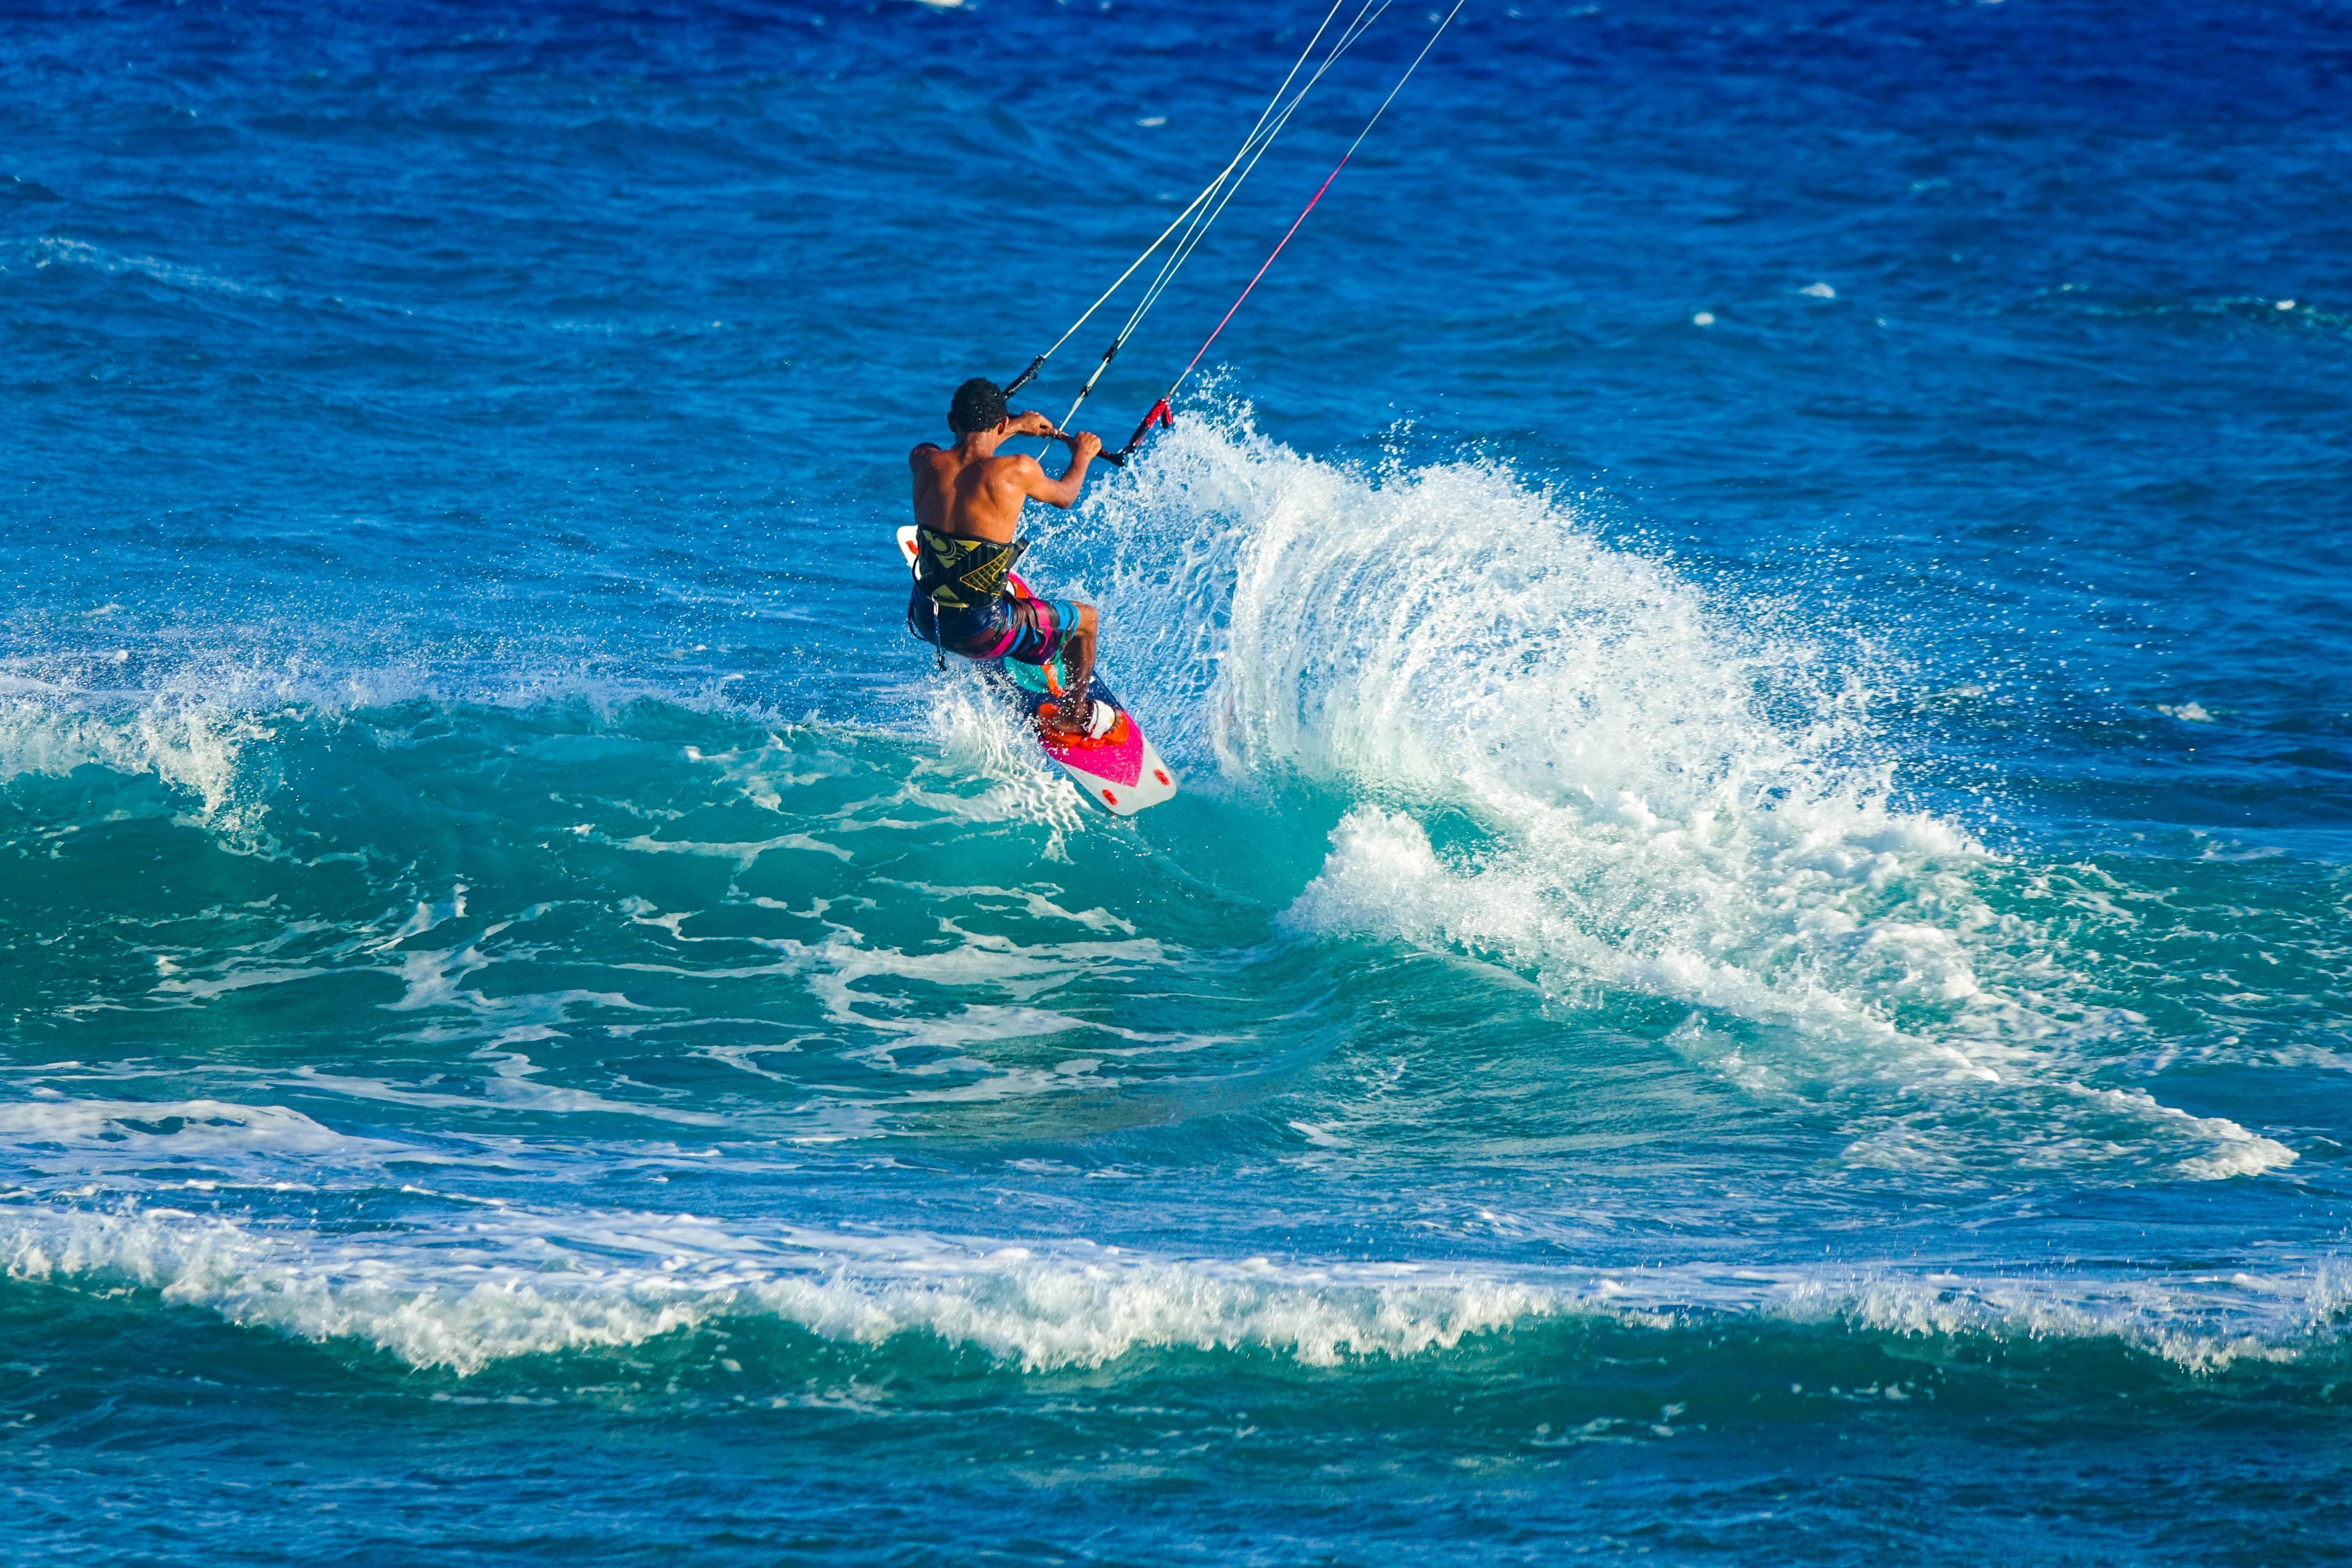 Water, Sea, Ocean, Summer, Waves, Surfer, Rope, Wet, Wave, Beach